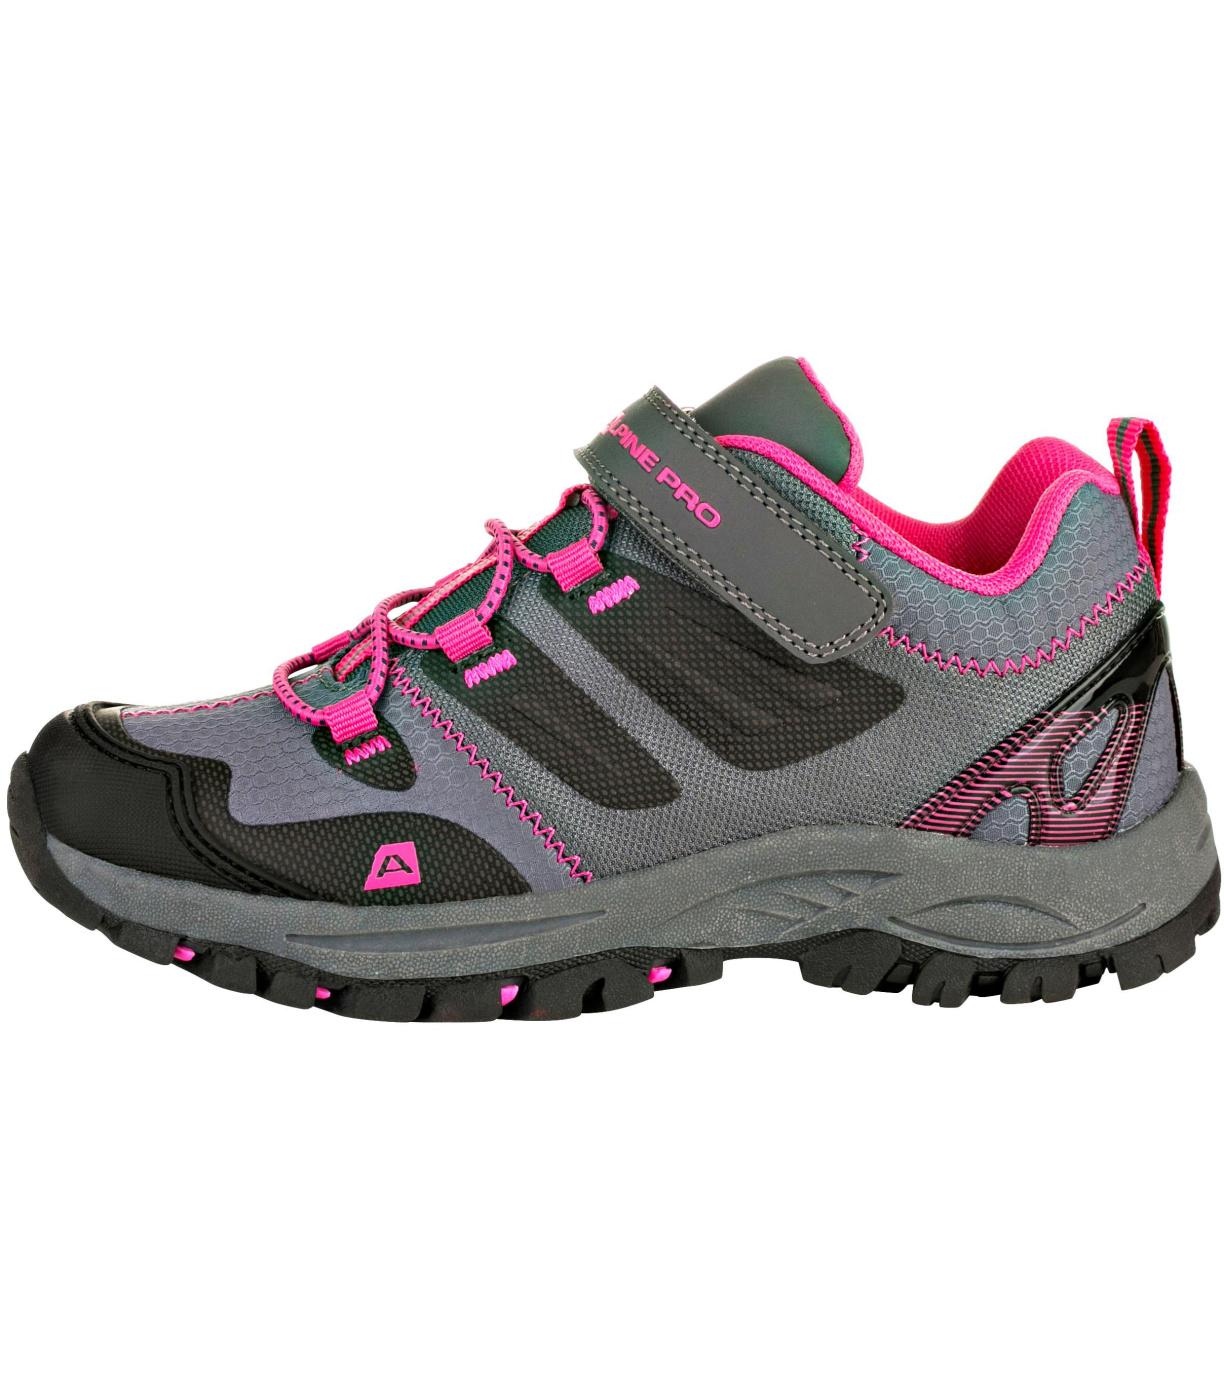 ALPINE PRO MIKIRU Dětská outdoorová obuv KBTR217452 růžová 32